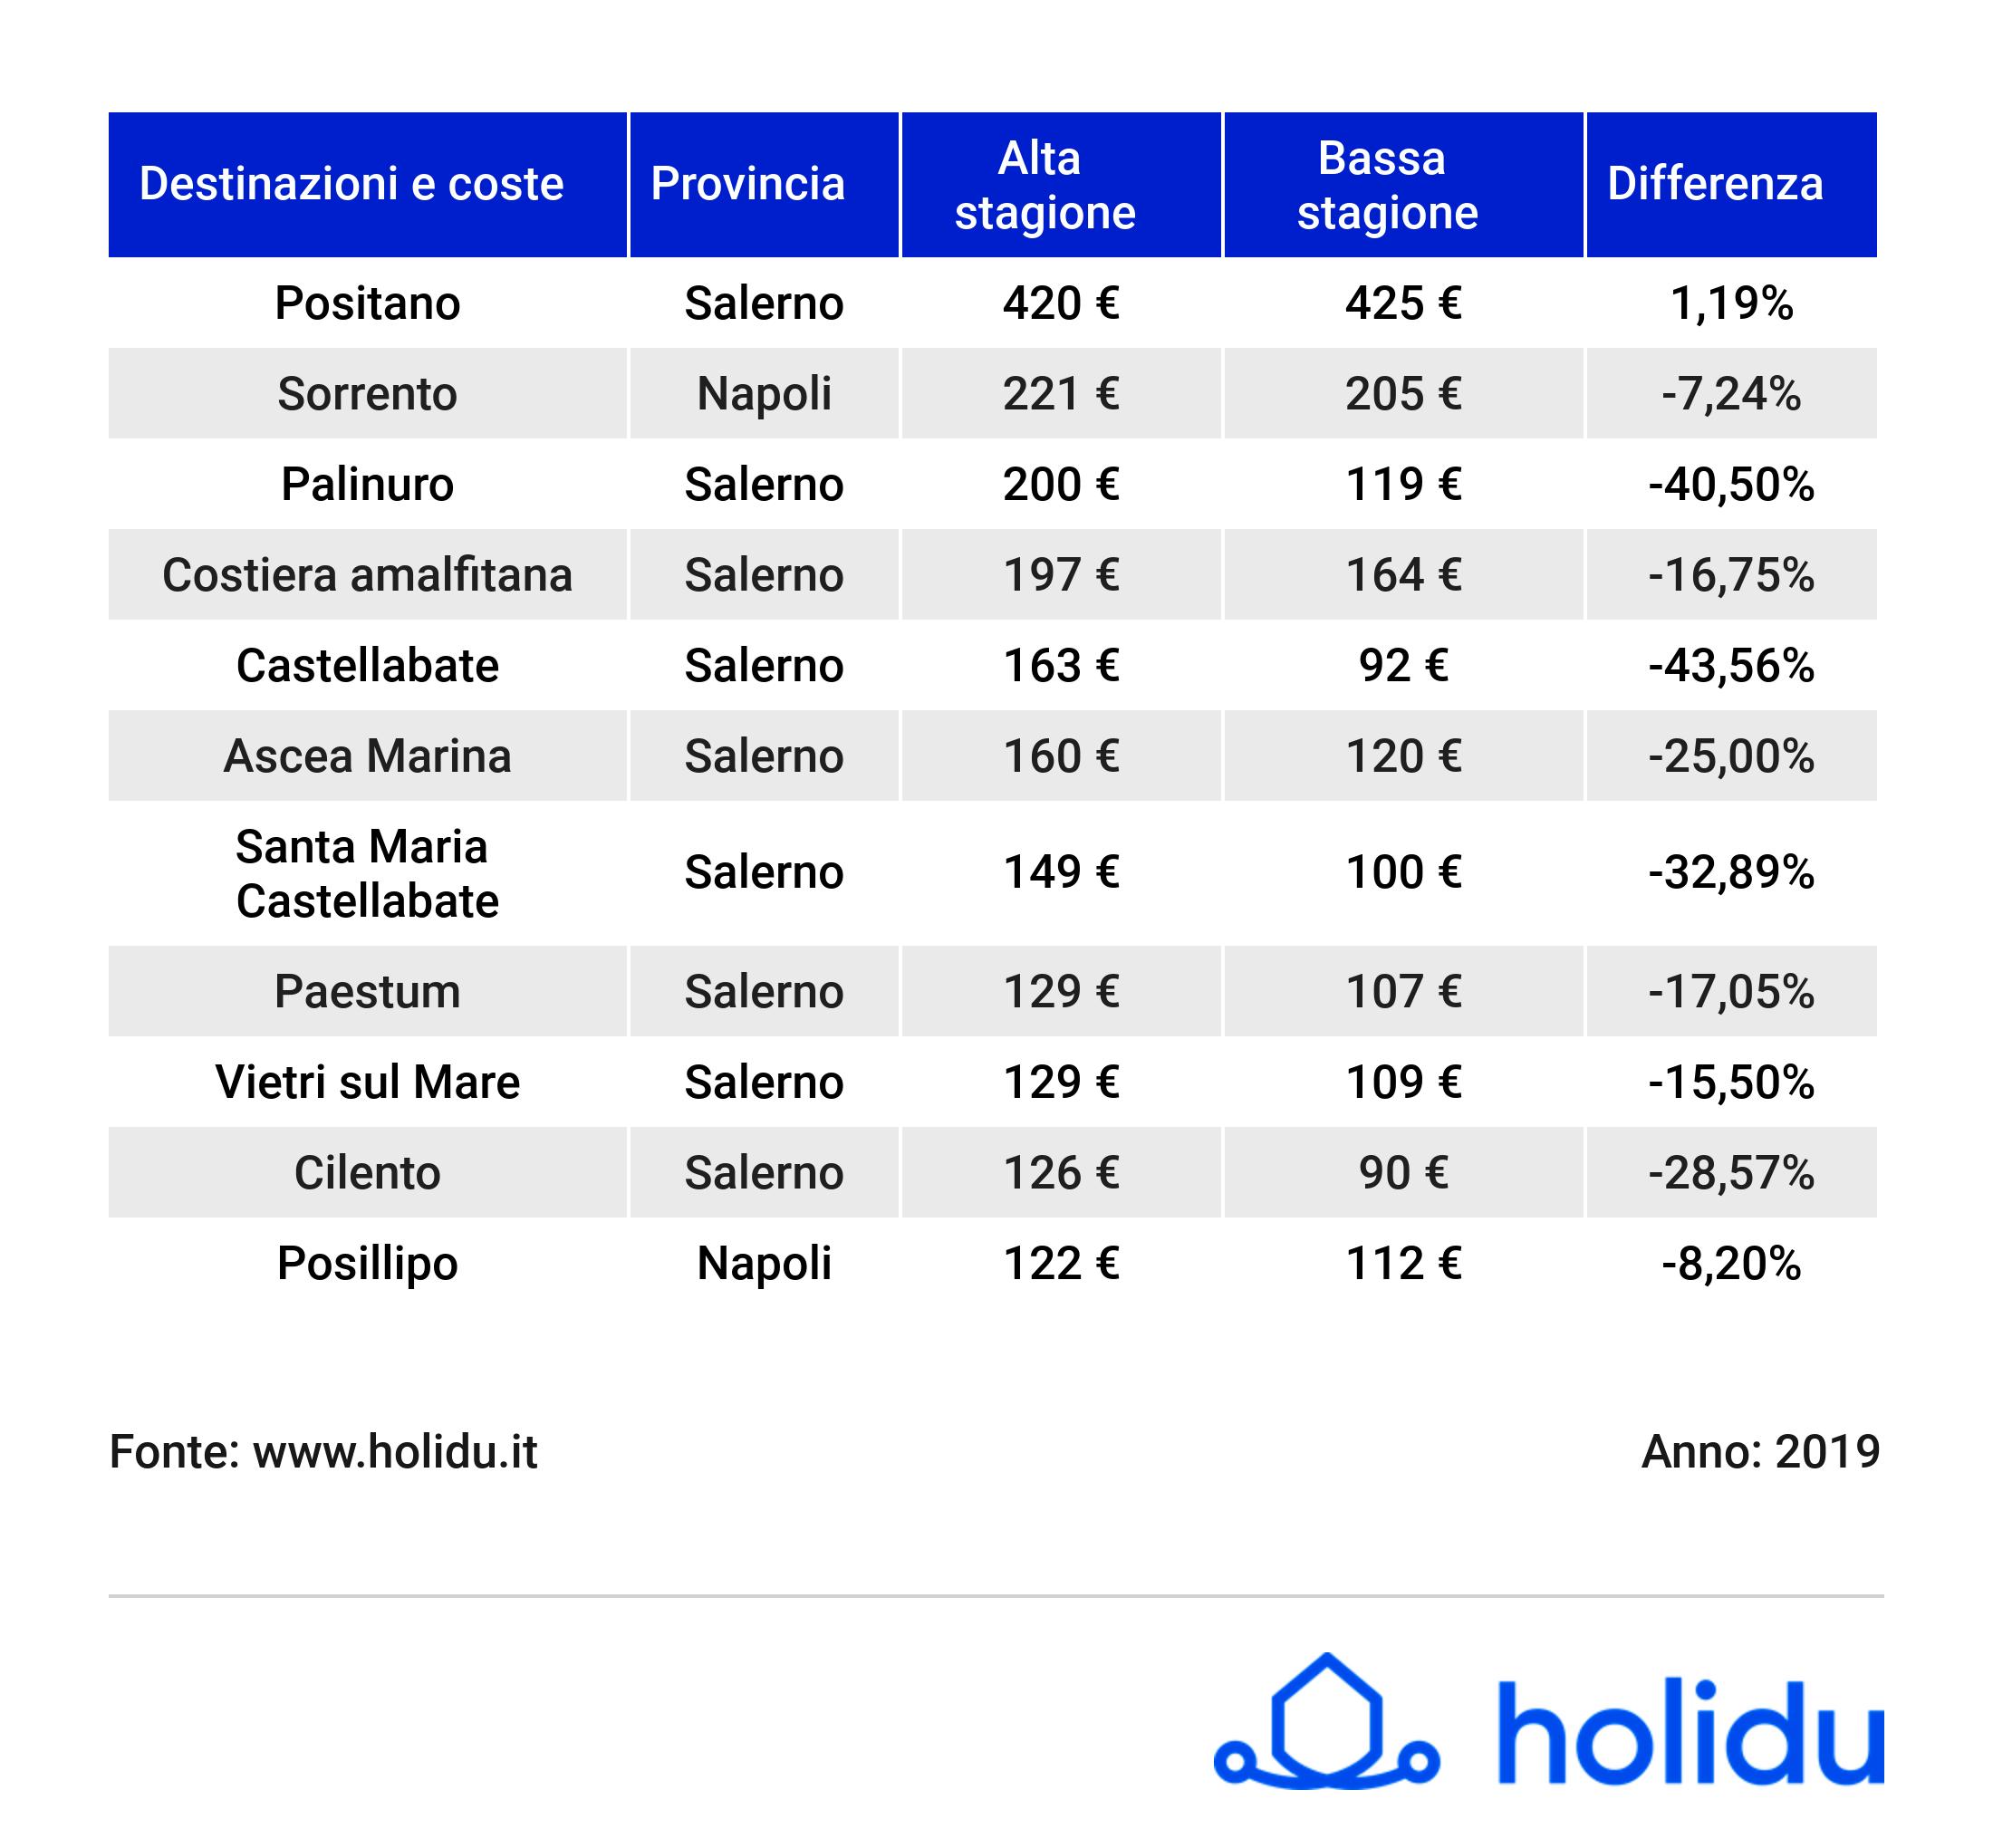 prezzi-estate-2019-destinazioni_campania_giu_19_holidu-2